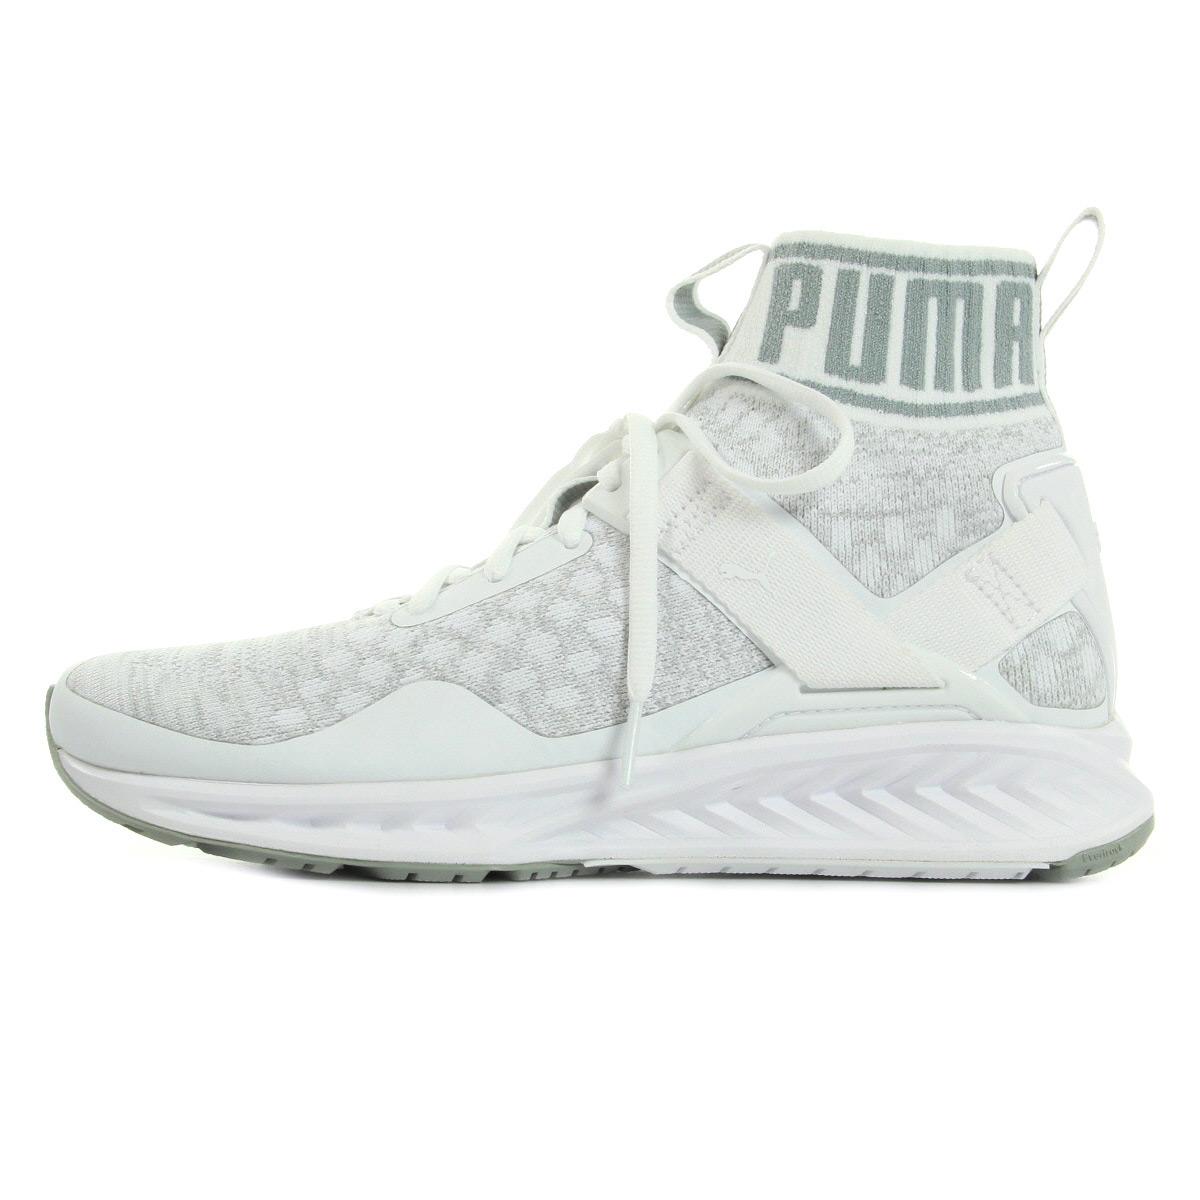 Puma Ignite EvoKnit 18969703, Baskets mode